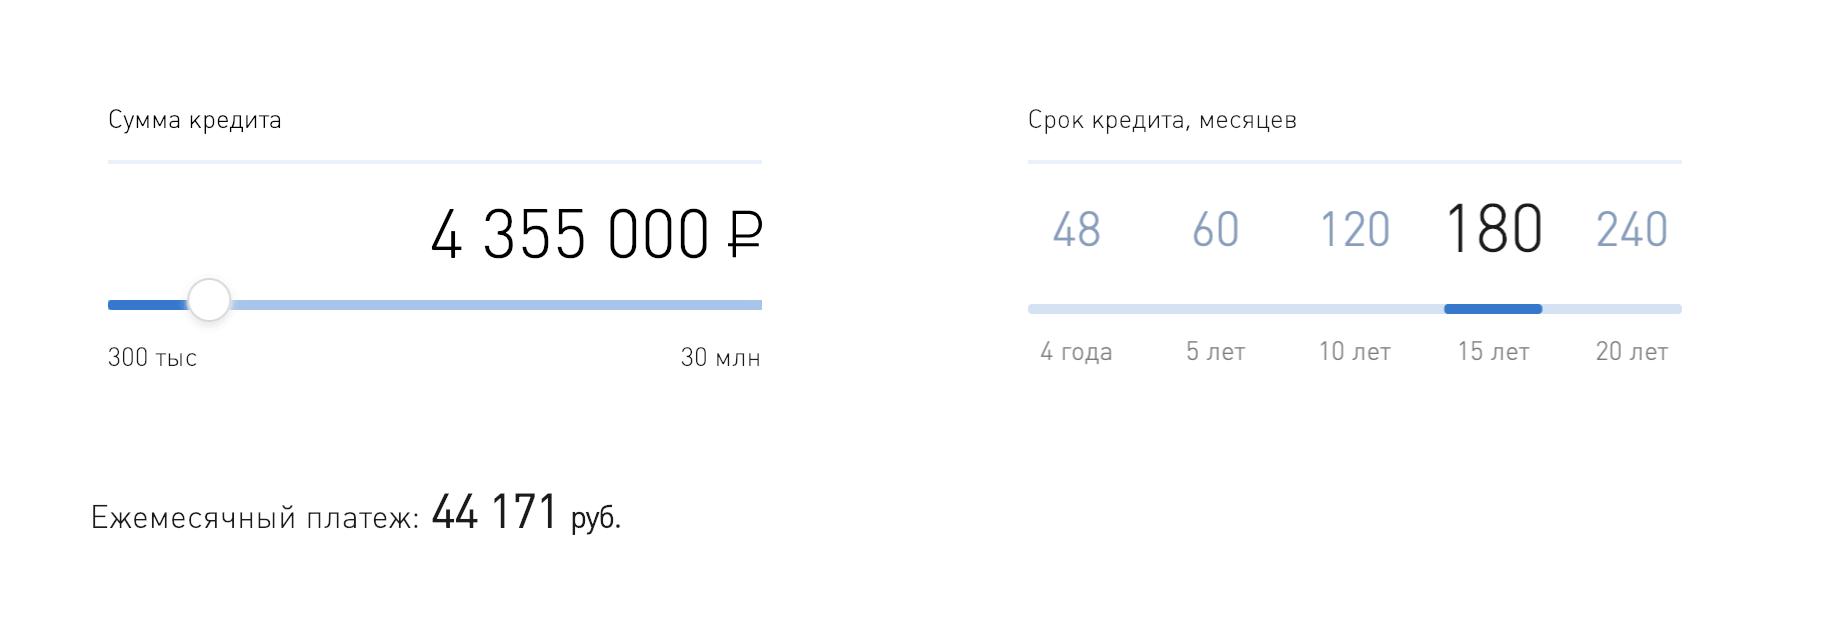 кредит 250000 рублей на 5 лет рассчитатьзаявка онлайн на кредит в банке пойдем